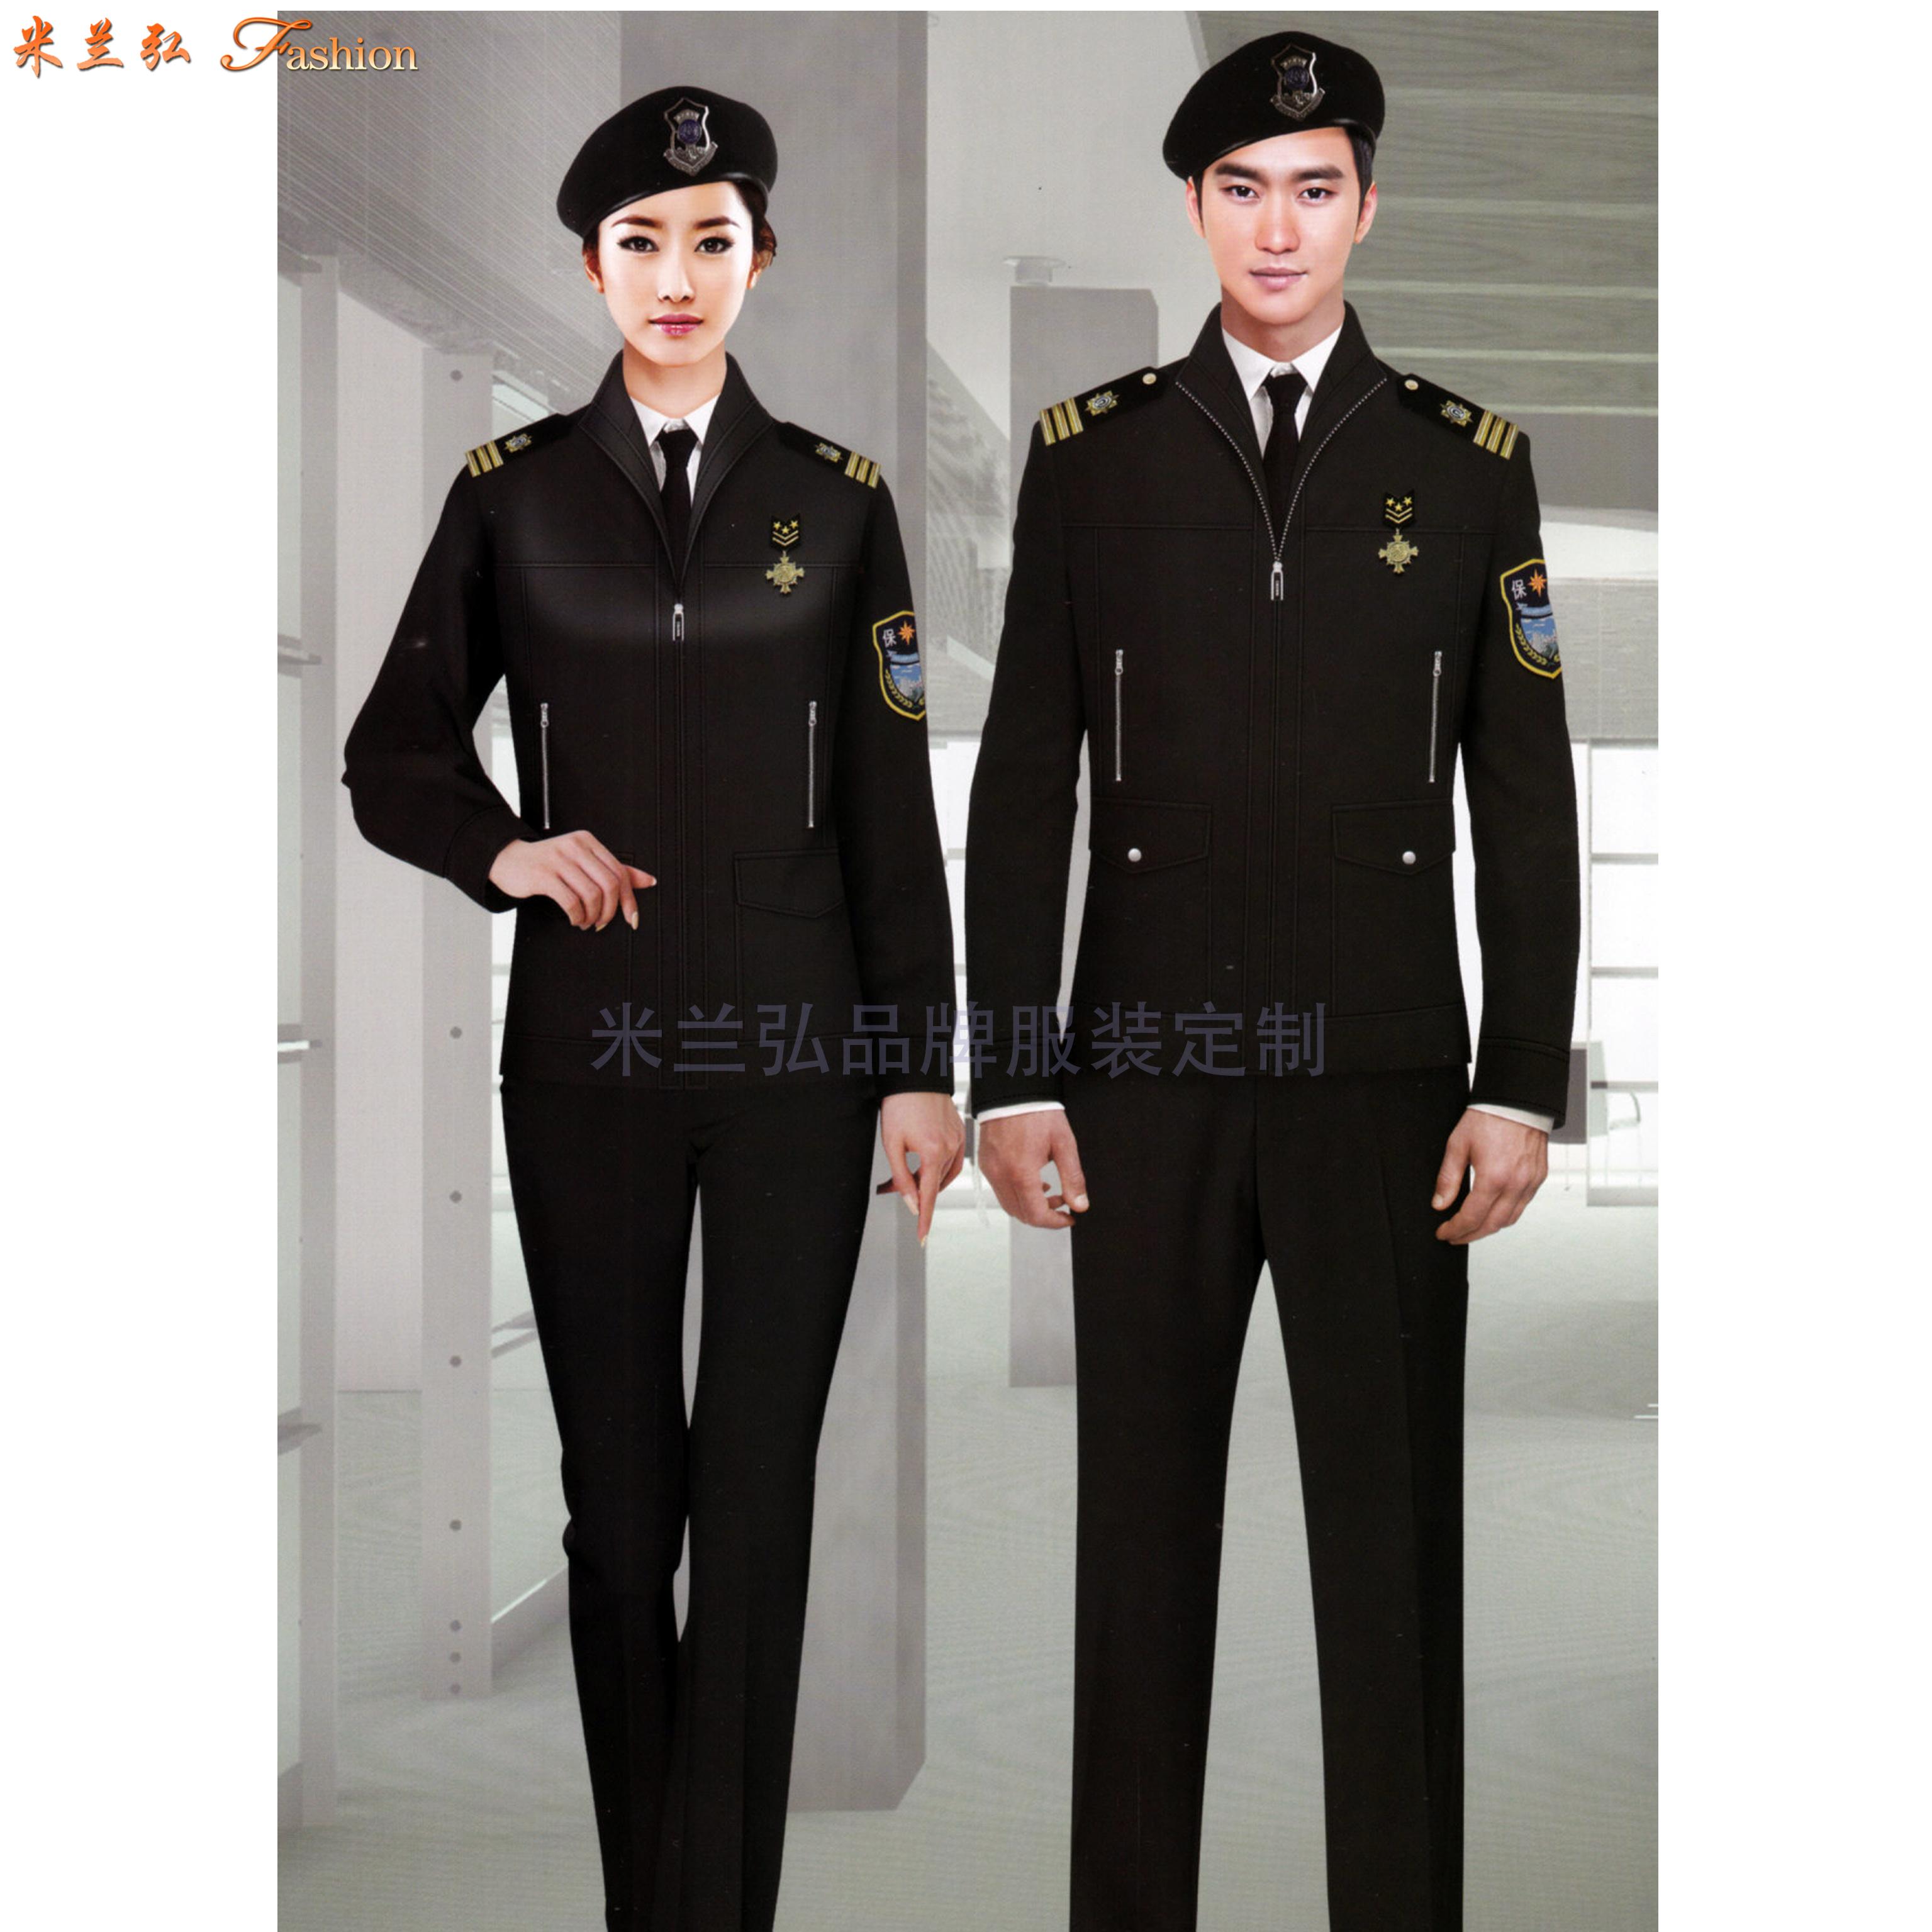 保安服定做廠家 米蘭弘新款價格低質量好的物業酒店安保制服-2